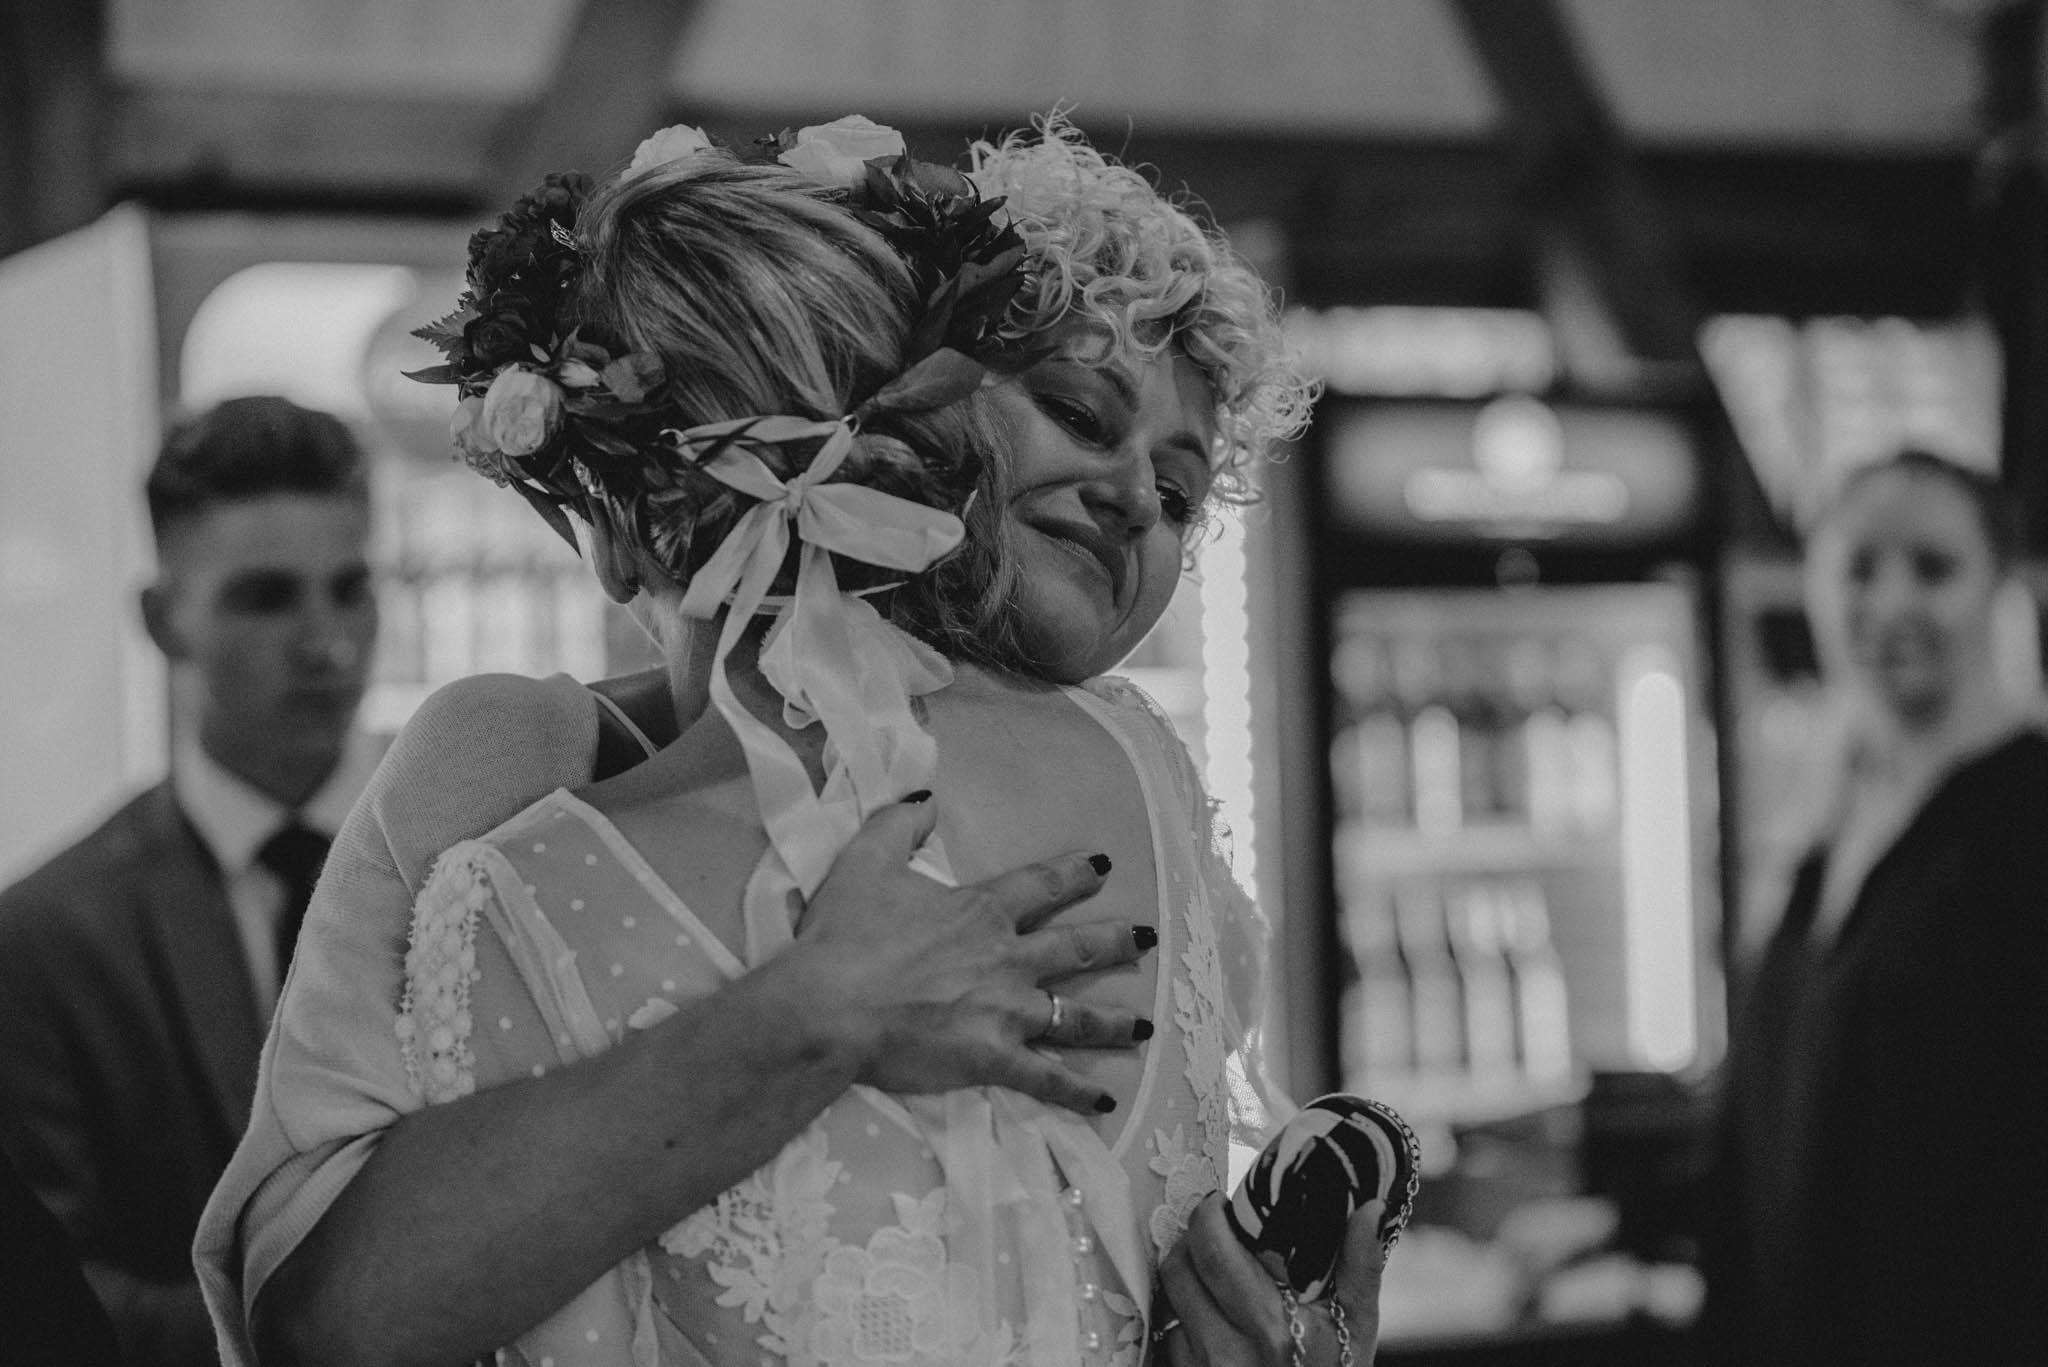 Goście składają życzenia pani młodej - sesja ślubna na Wyspie Św. Edwarda Zaniemyśl